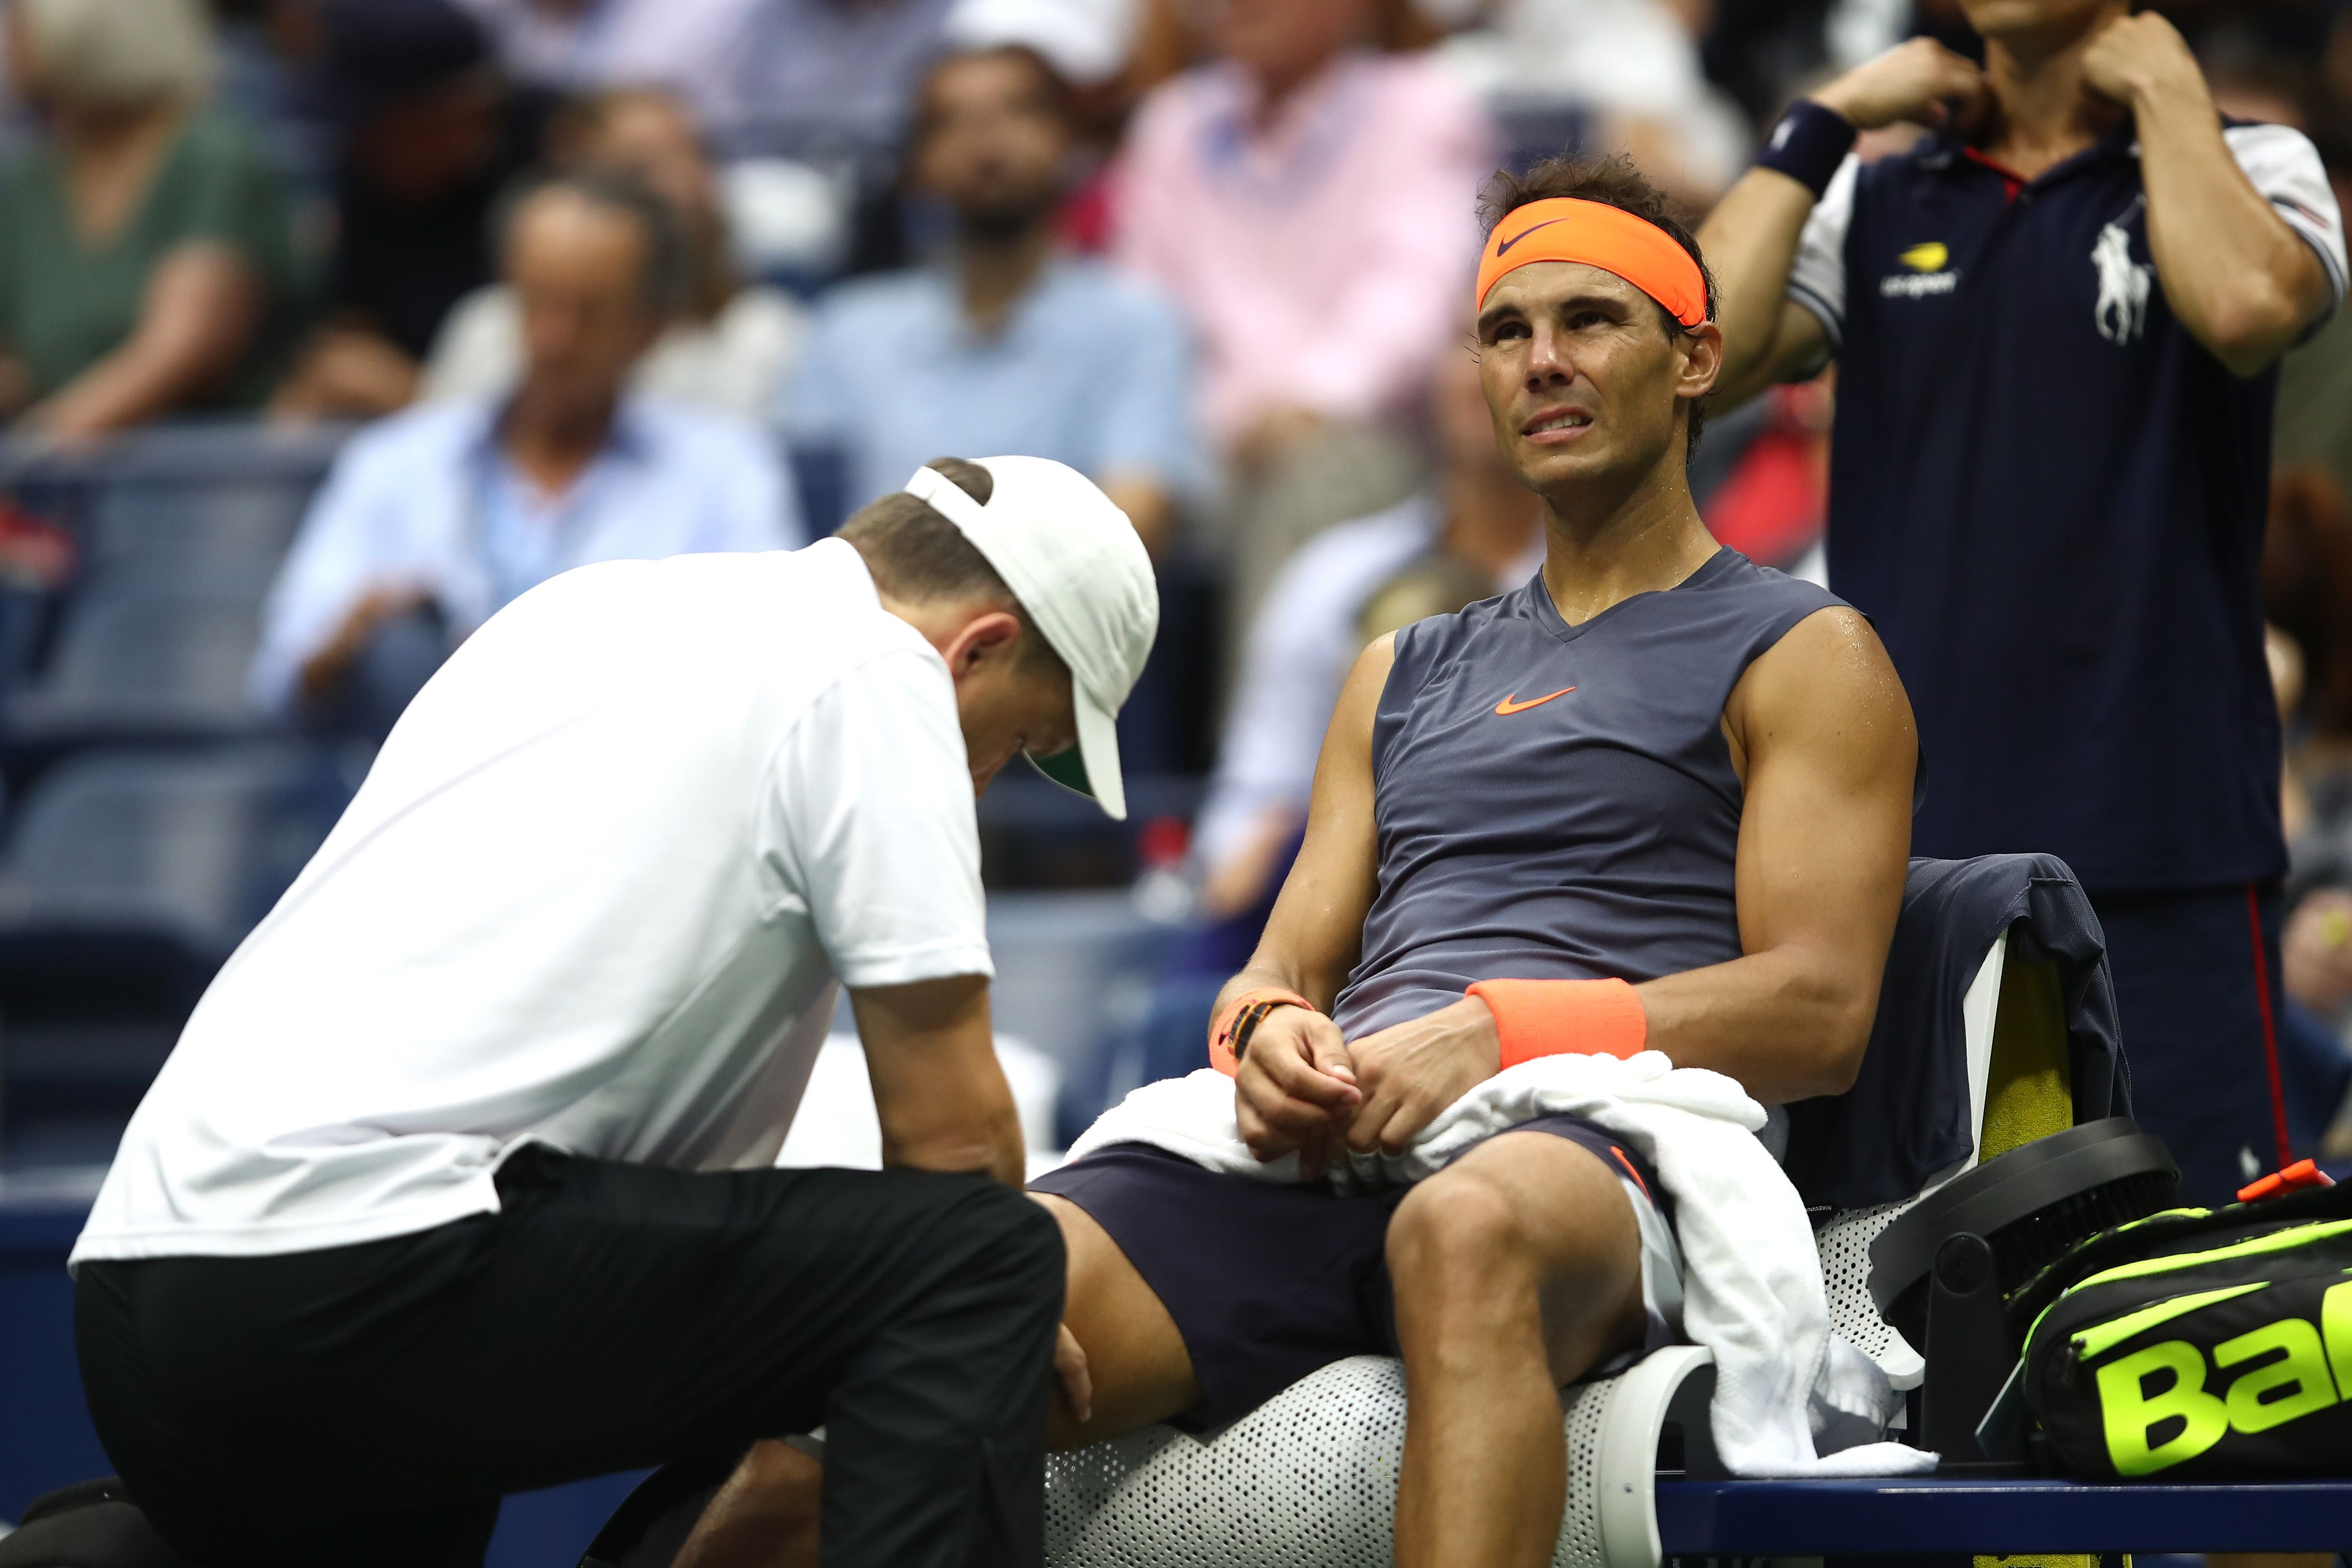 Tennis - Coupe Davis - Coupe Davis : blessé au genou droit, Nadal forfait contre la France